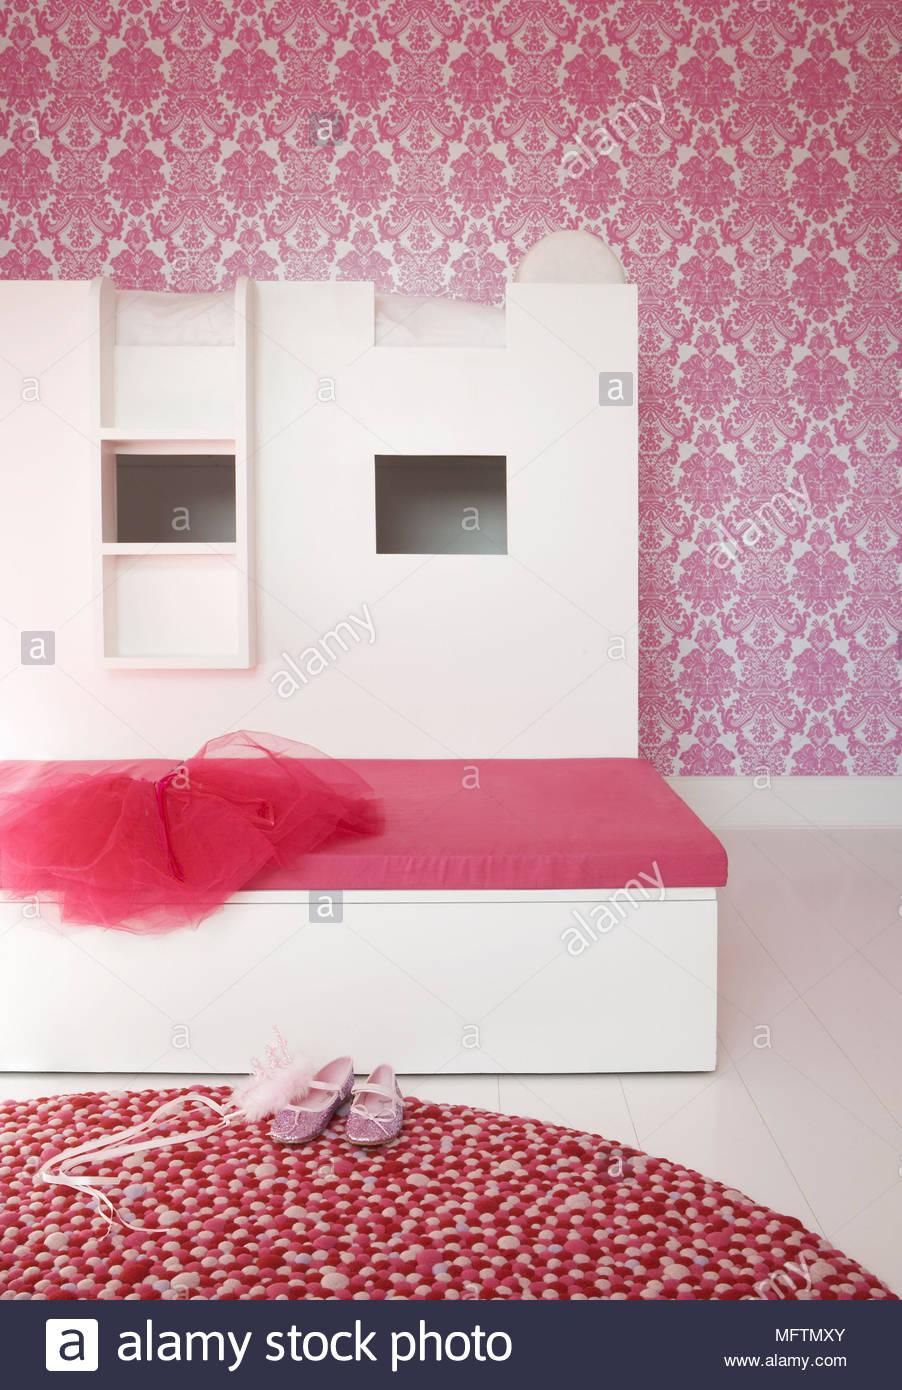 Letto matrimoniale con coperchio rosa in camera da letto con carta ...